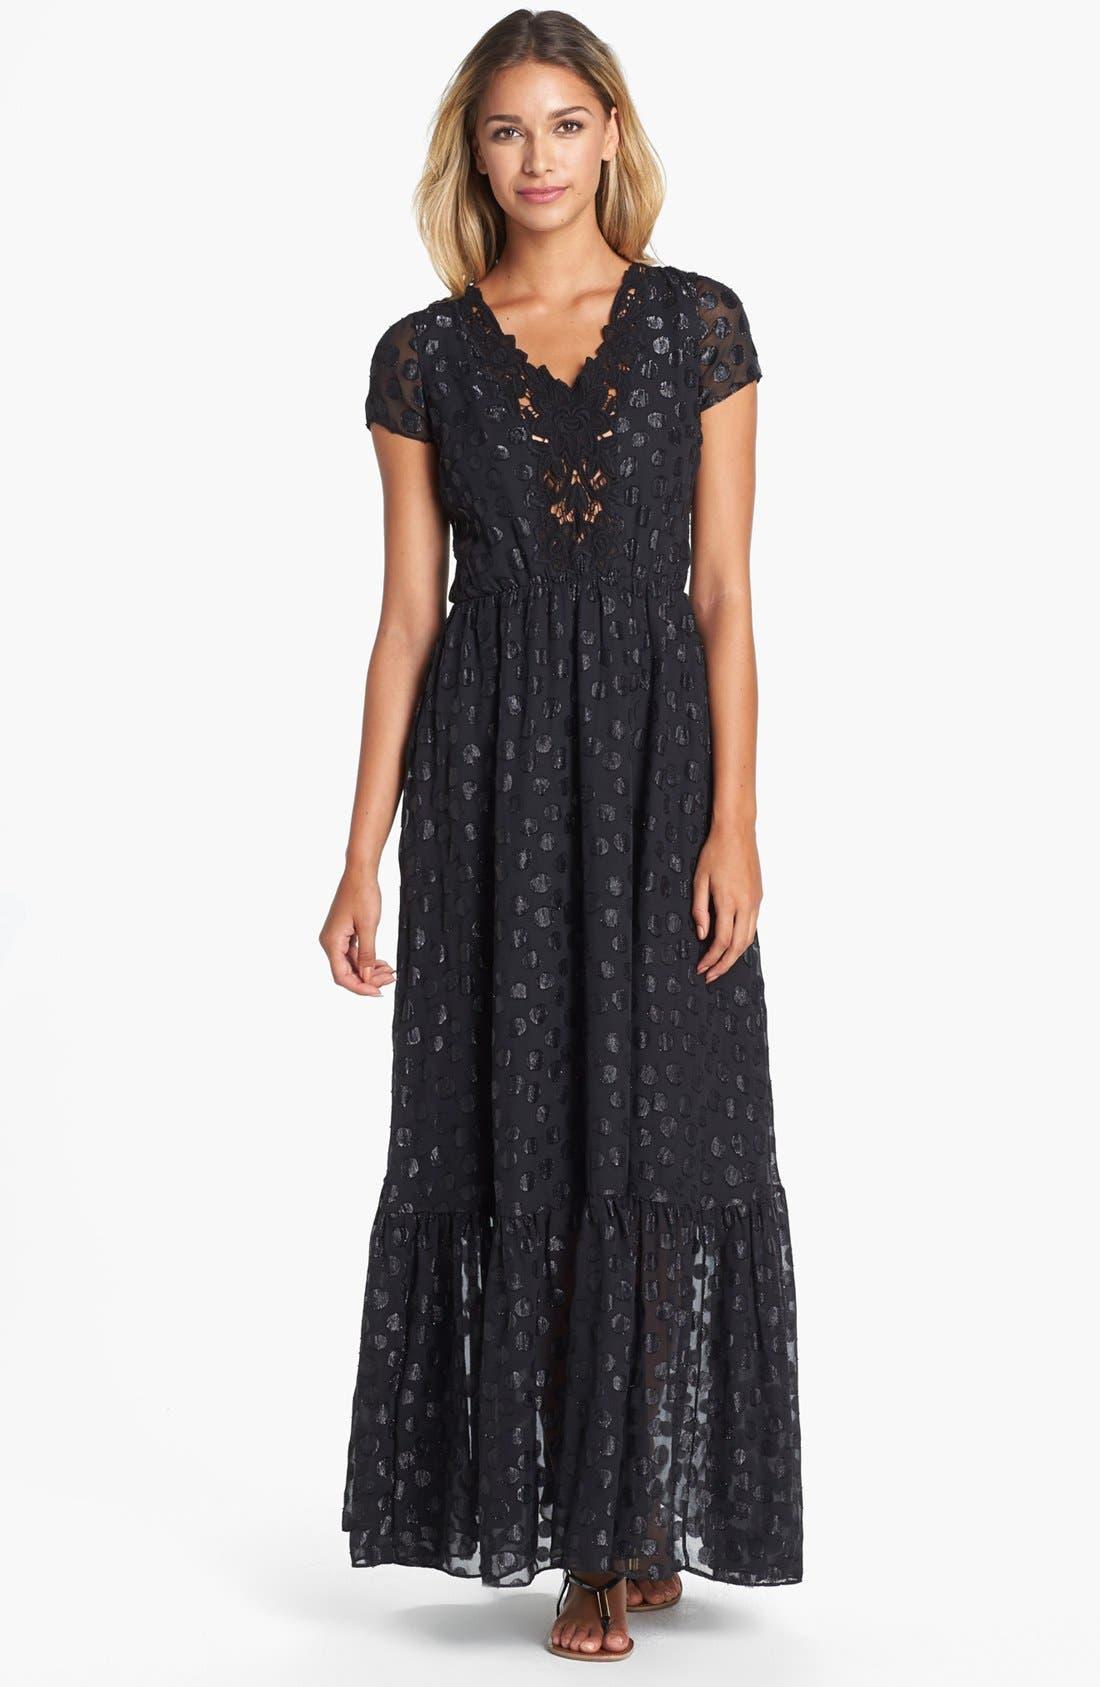 DRESS THE POPULATION 'Evan' Metallic Dot Maxi Dress, Main, color, 001